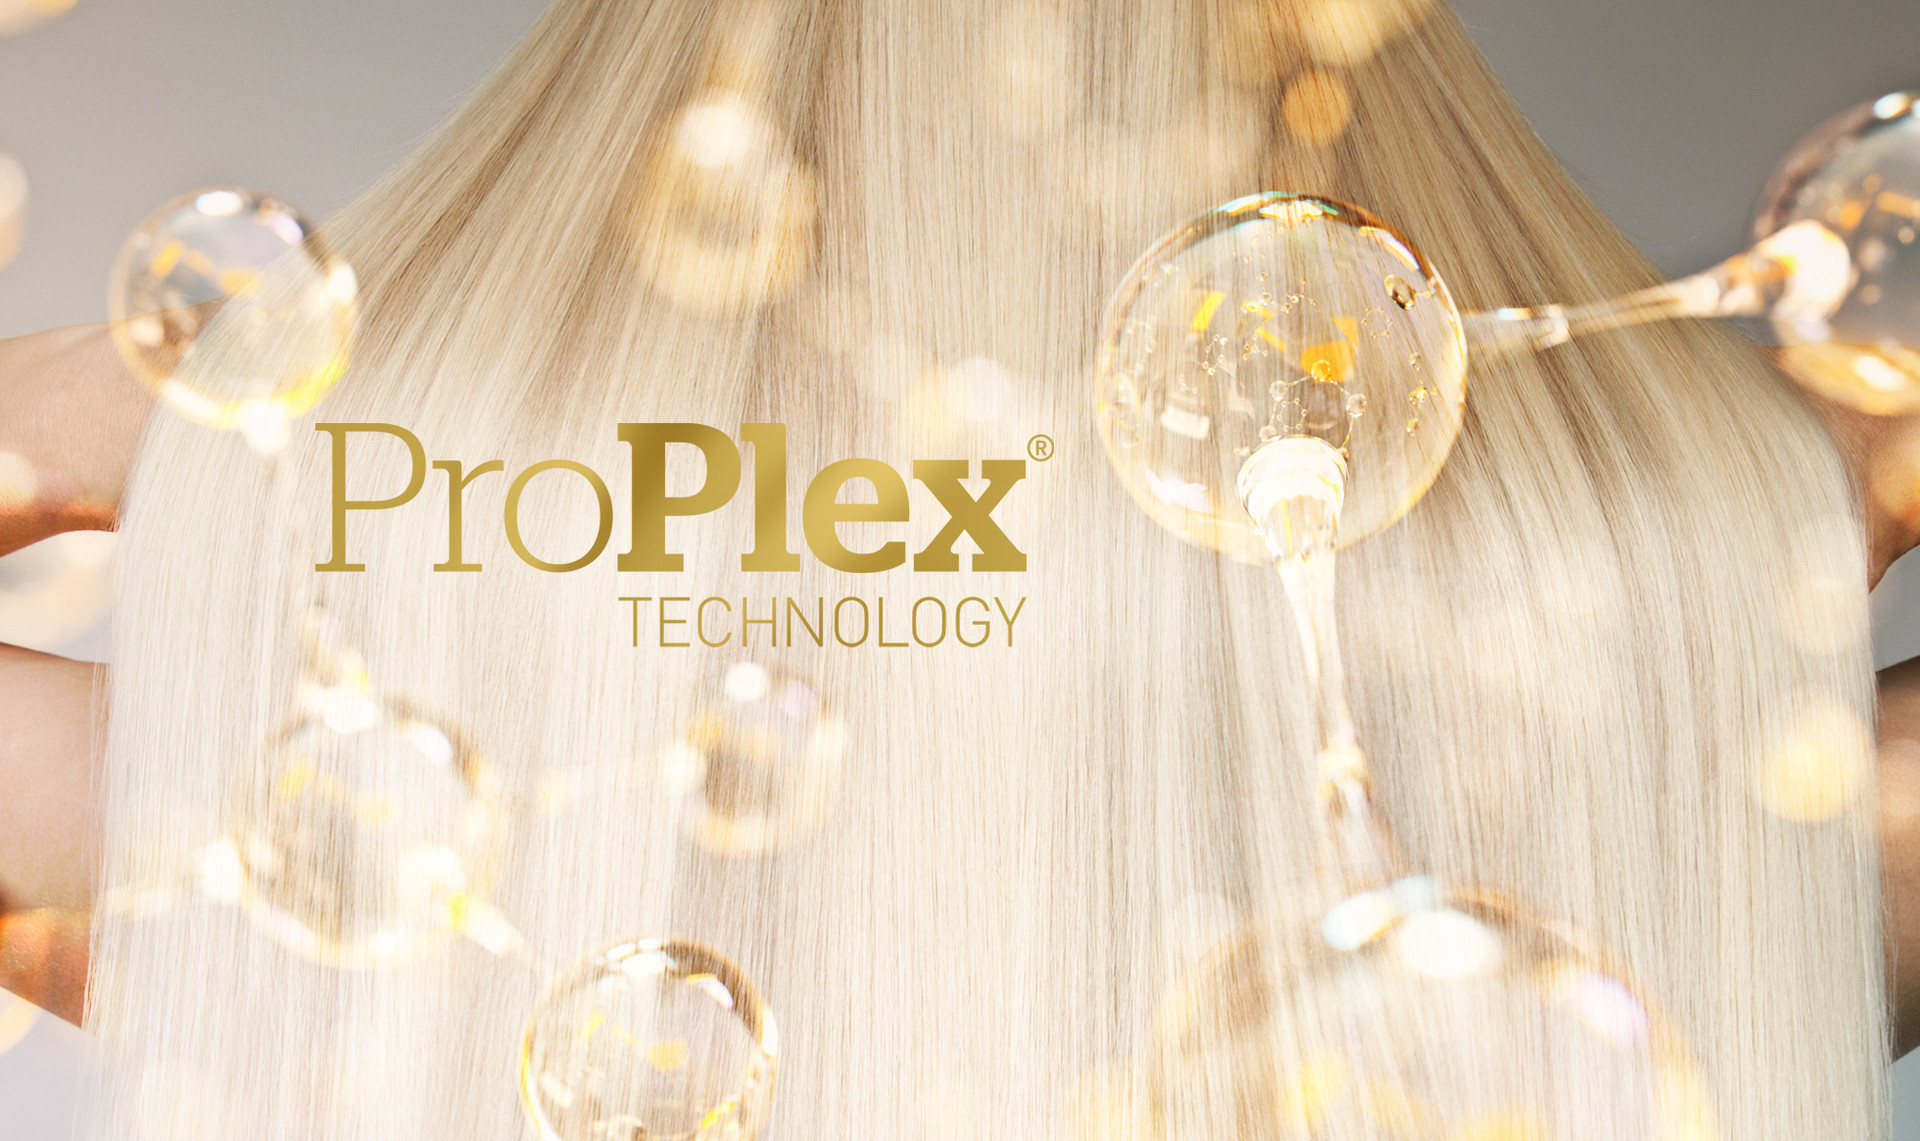 HeyBlondie ProPlexTechnology Logo Design & Trademark